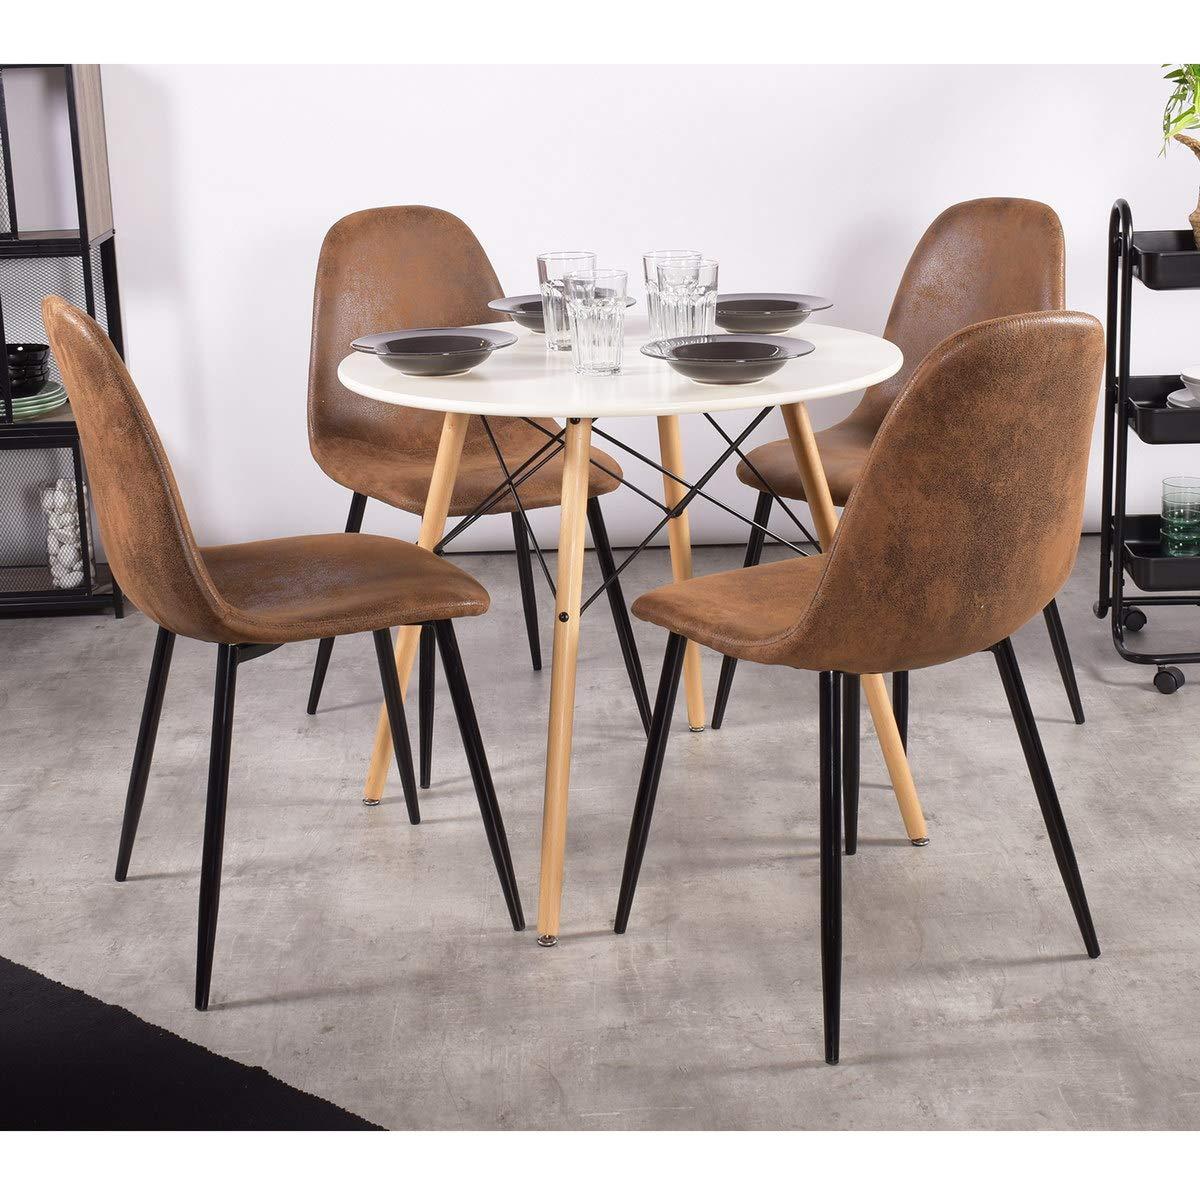 Full Size of Esstisch Sthle Mit Design Charakter Fr Unter 100 80x80 Teppich Betonplatte Shabby Chic Massivholz Esstischstühle Massiver Ausziehbarer Und Stühle Runde Esstische Stühle Esstisch